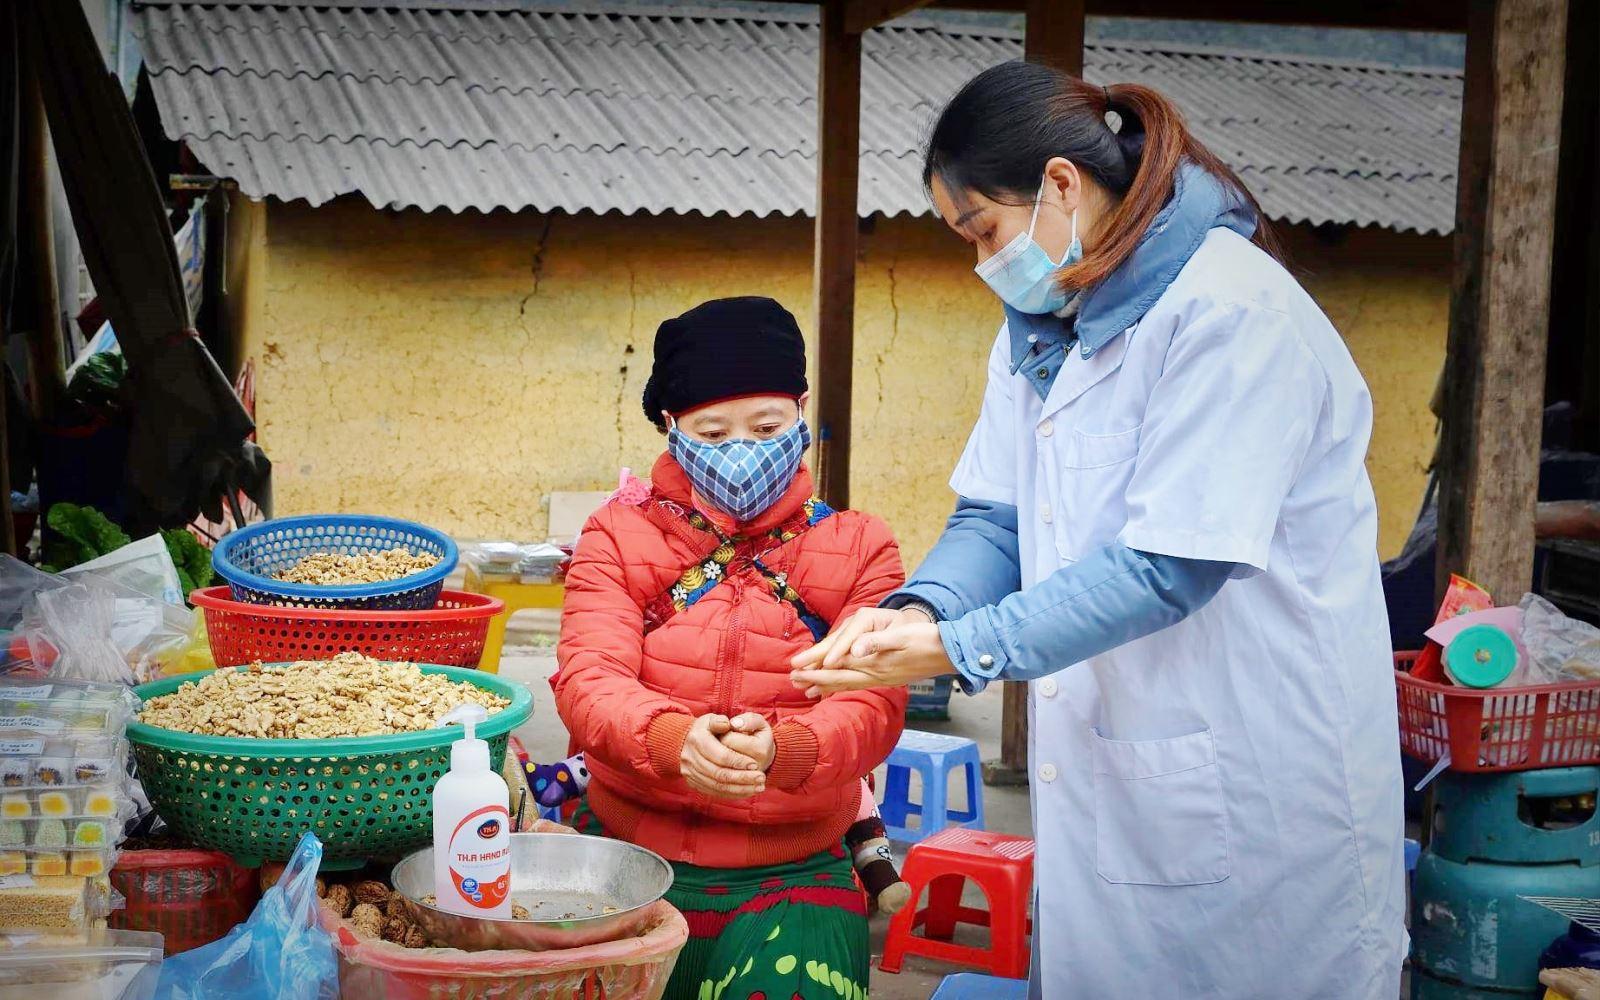 Hướng dẫn bà con tiểu thương rửa tay sát khuẩn tại chợ phiên Sà Phìn (Đồng Văn, Hà Giang). Ảnh: BYT